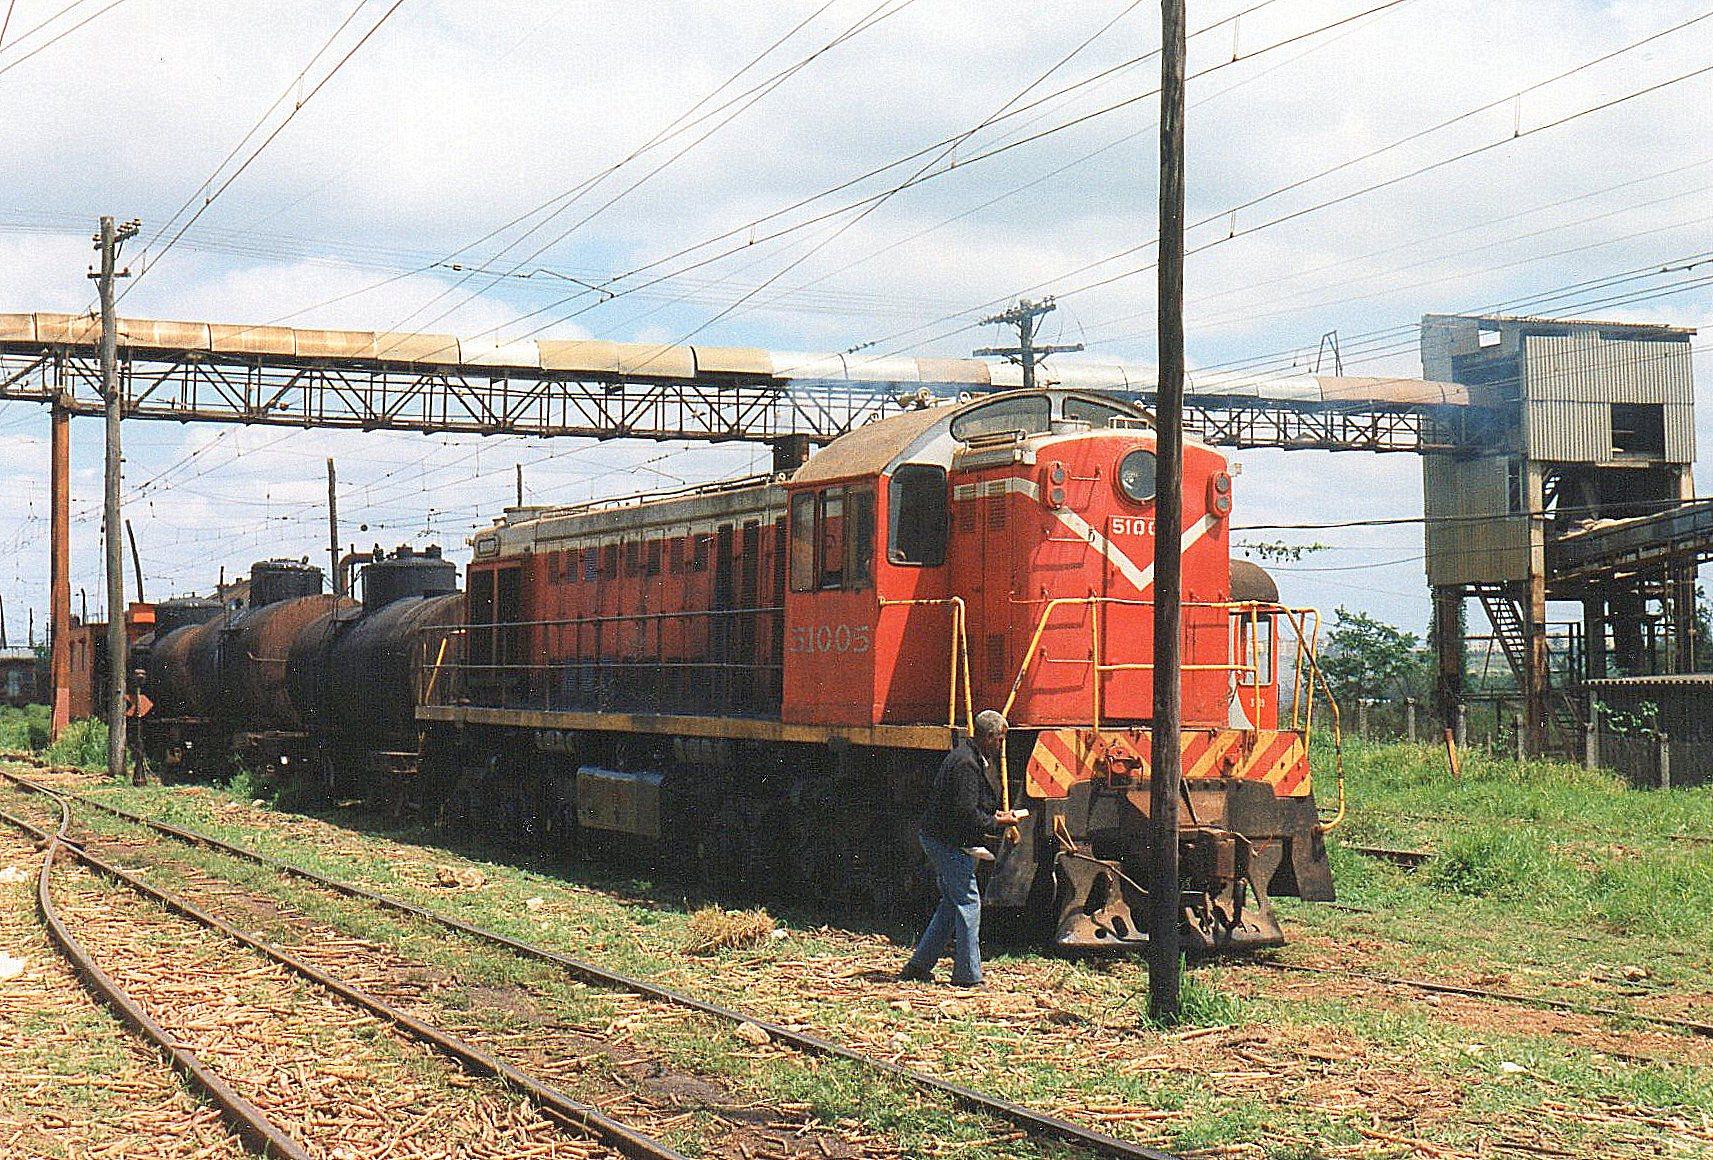 FCC 51005 med et godstog. I tankvognene er der enten sukkersaft eller olie, i begge tilfælde formentltransporter fra MINAZ? Lokomotivet kørte tidligere på dagen med et banetjenestetog.